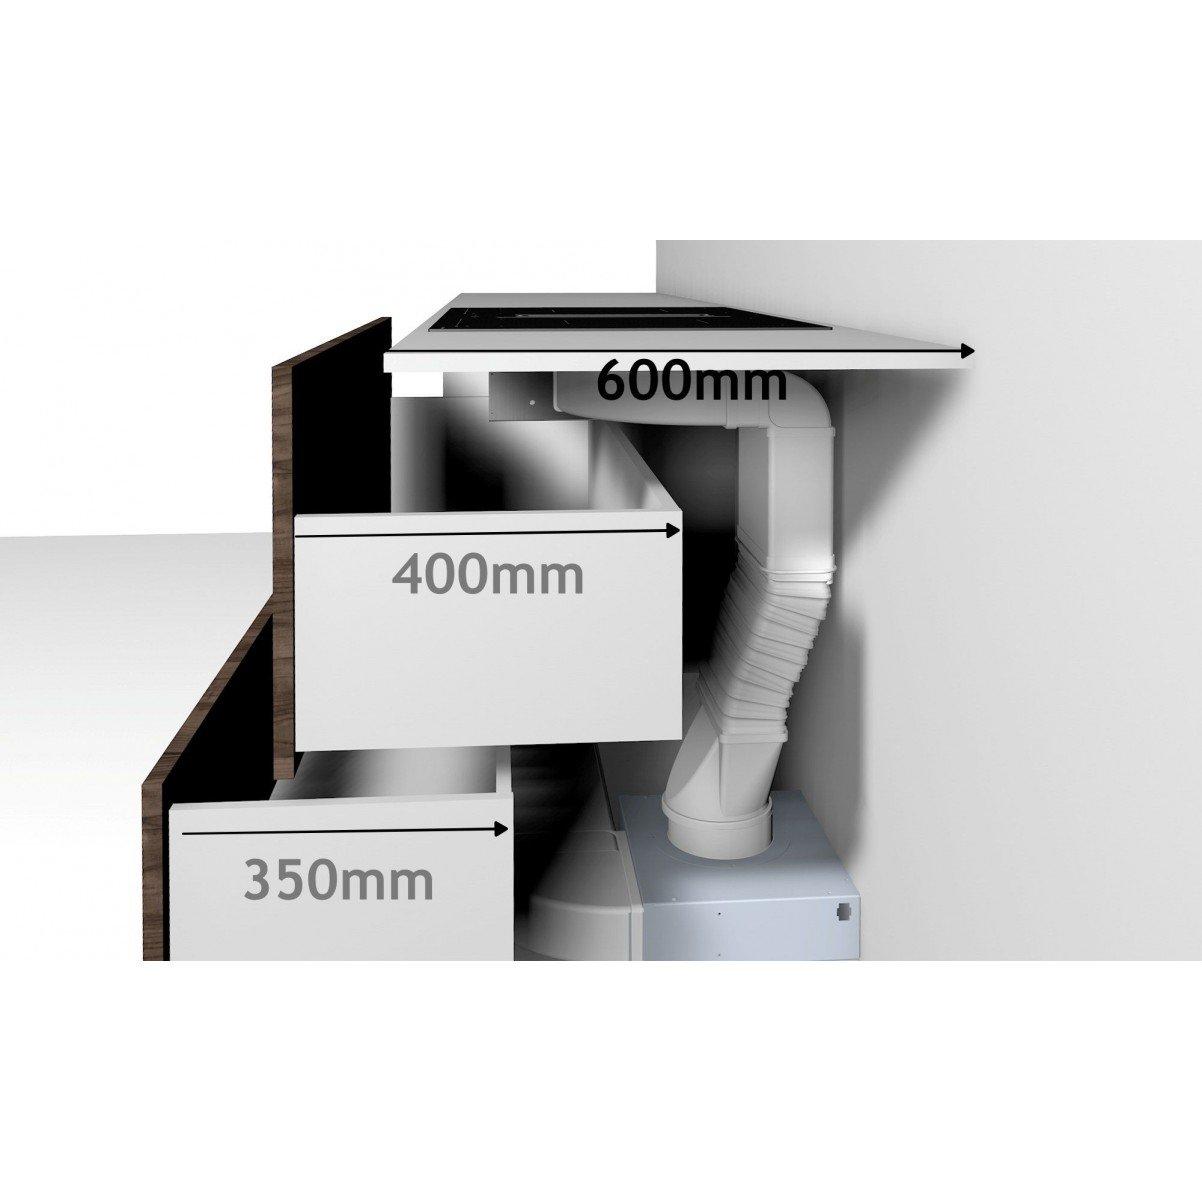 Premium line spishäll 80cm med inbyggd köksfläkt OMEGA Ω